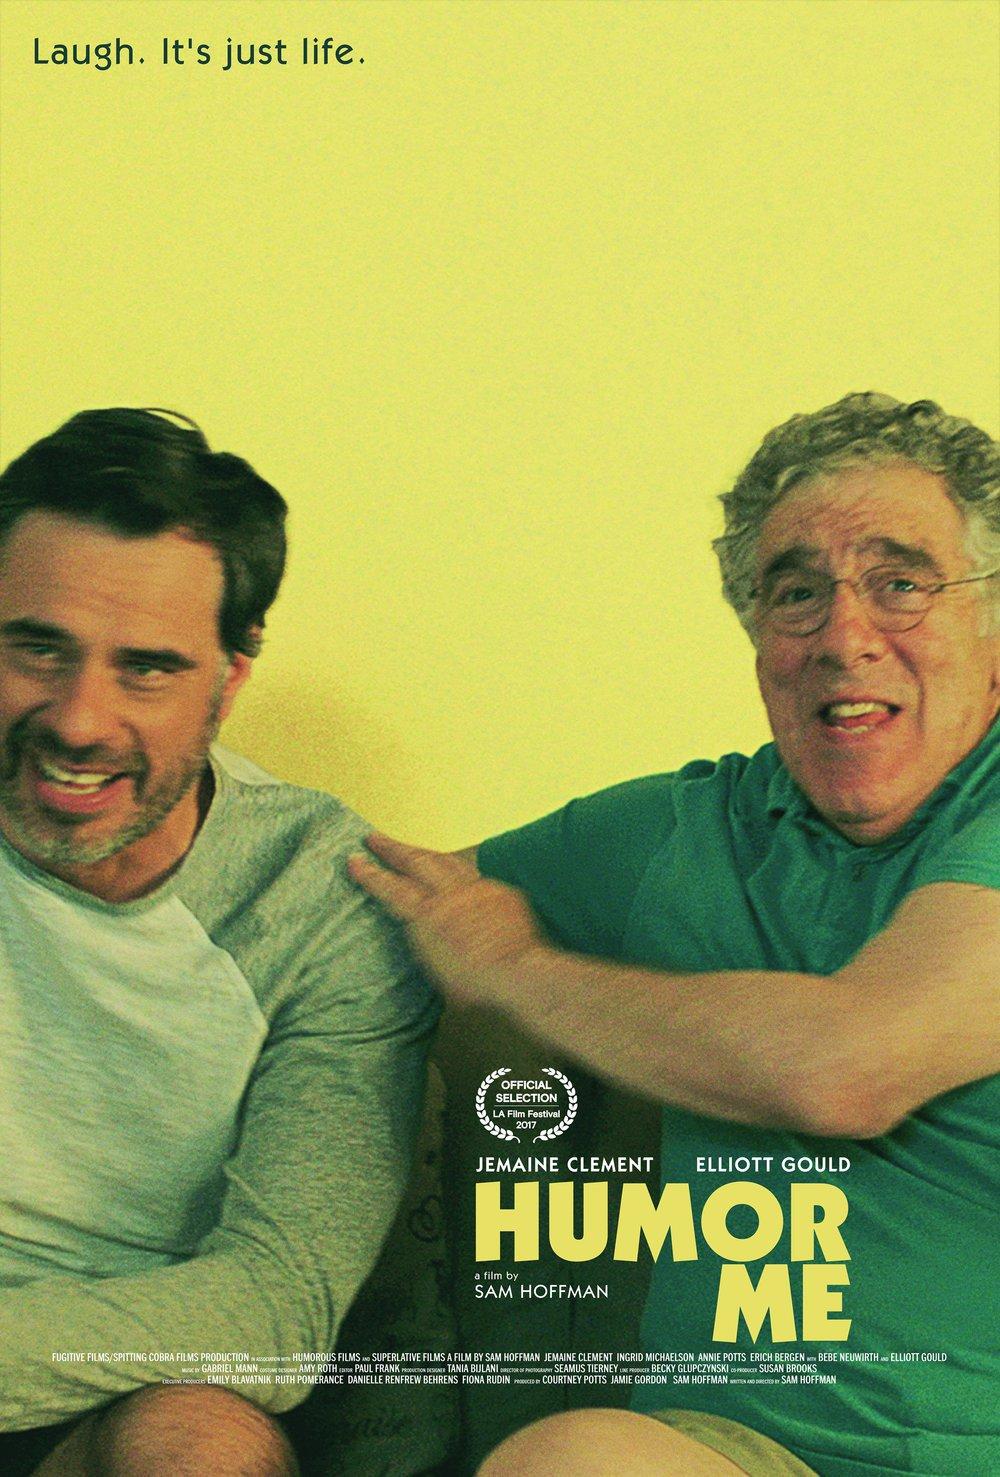 Humor-Me-movie-poster.jpg